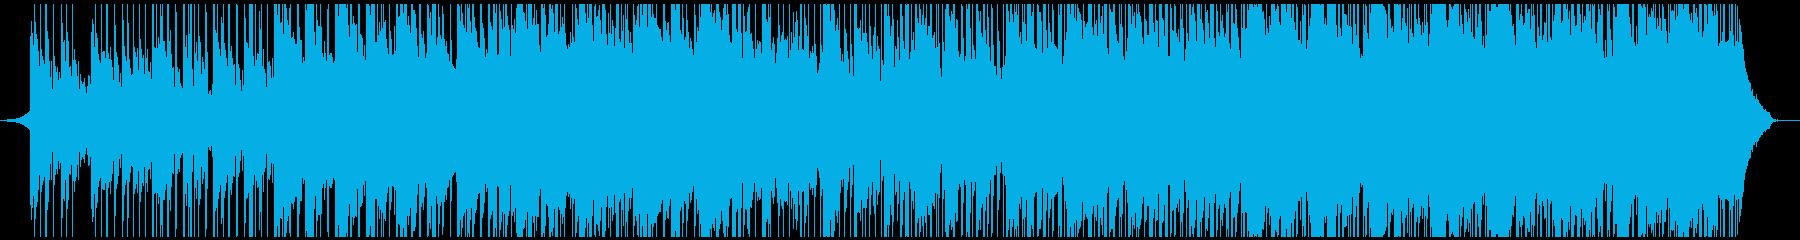 ポップ テクノ コーポレート ほの...の再生済みの波形